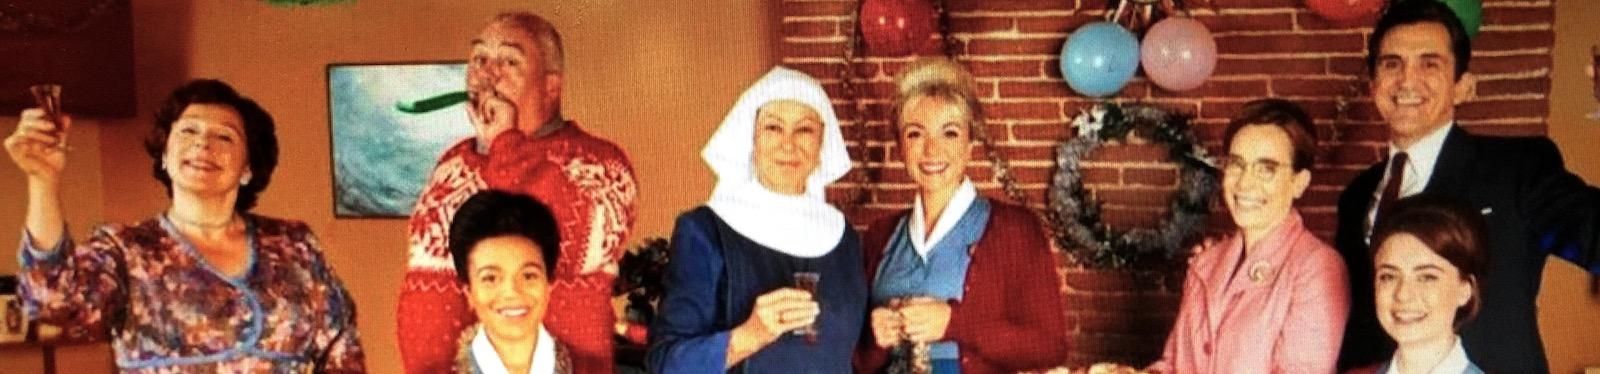 Oväntade gotter, änglar, barnmorskor och den där julkänslan.